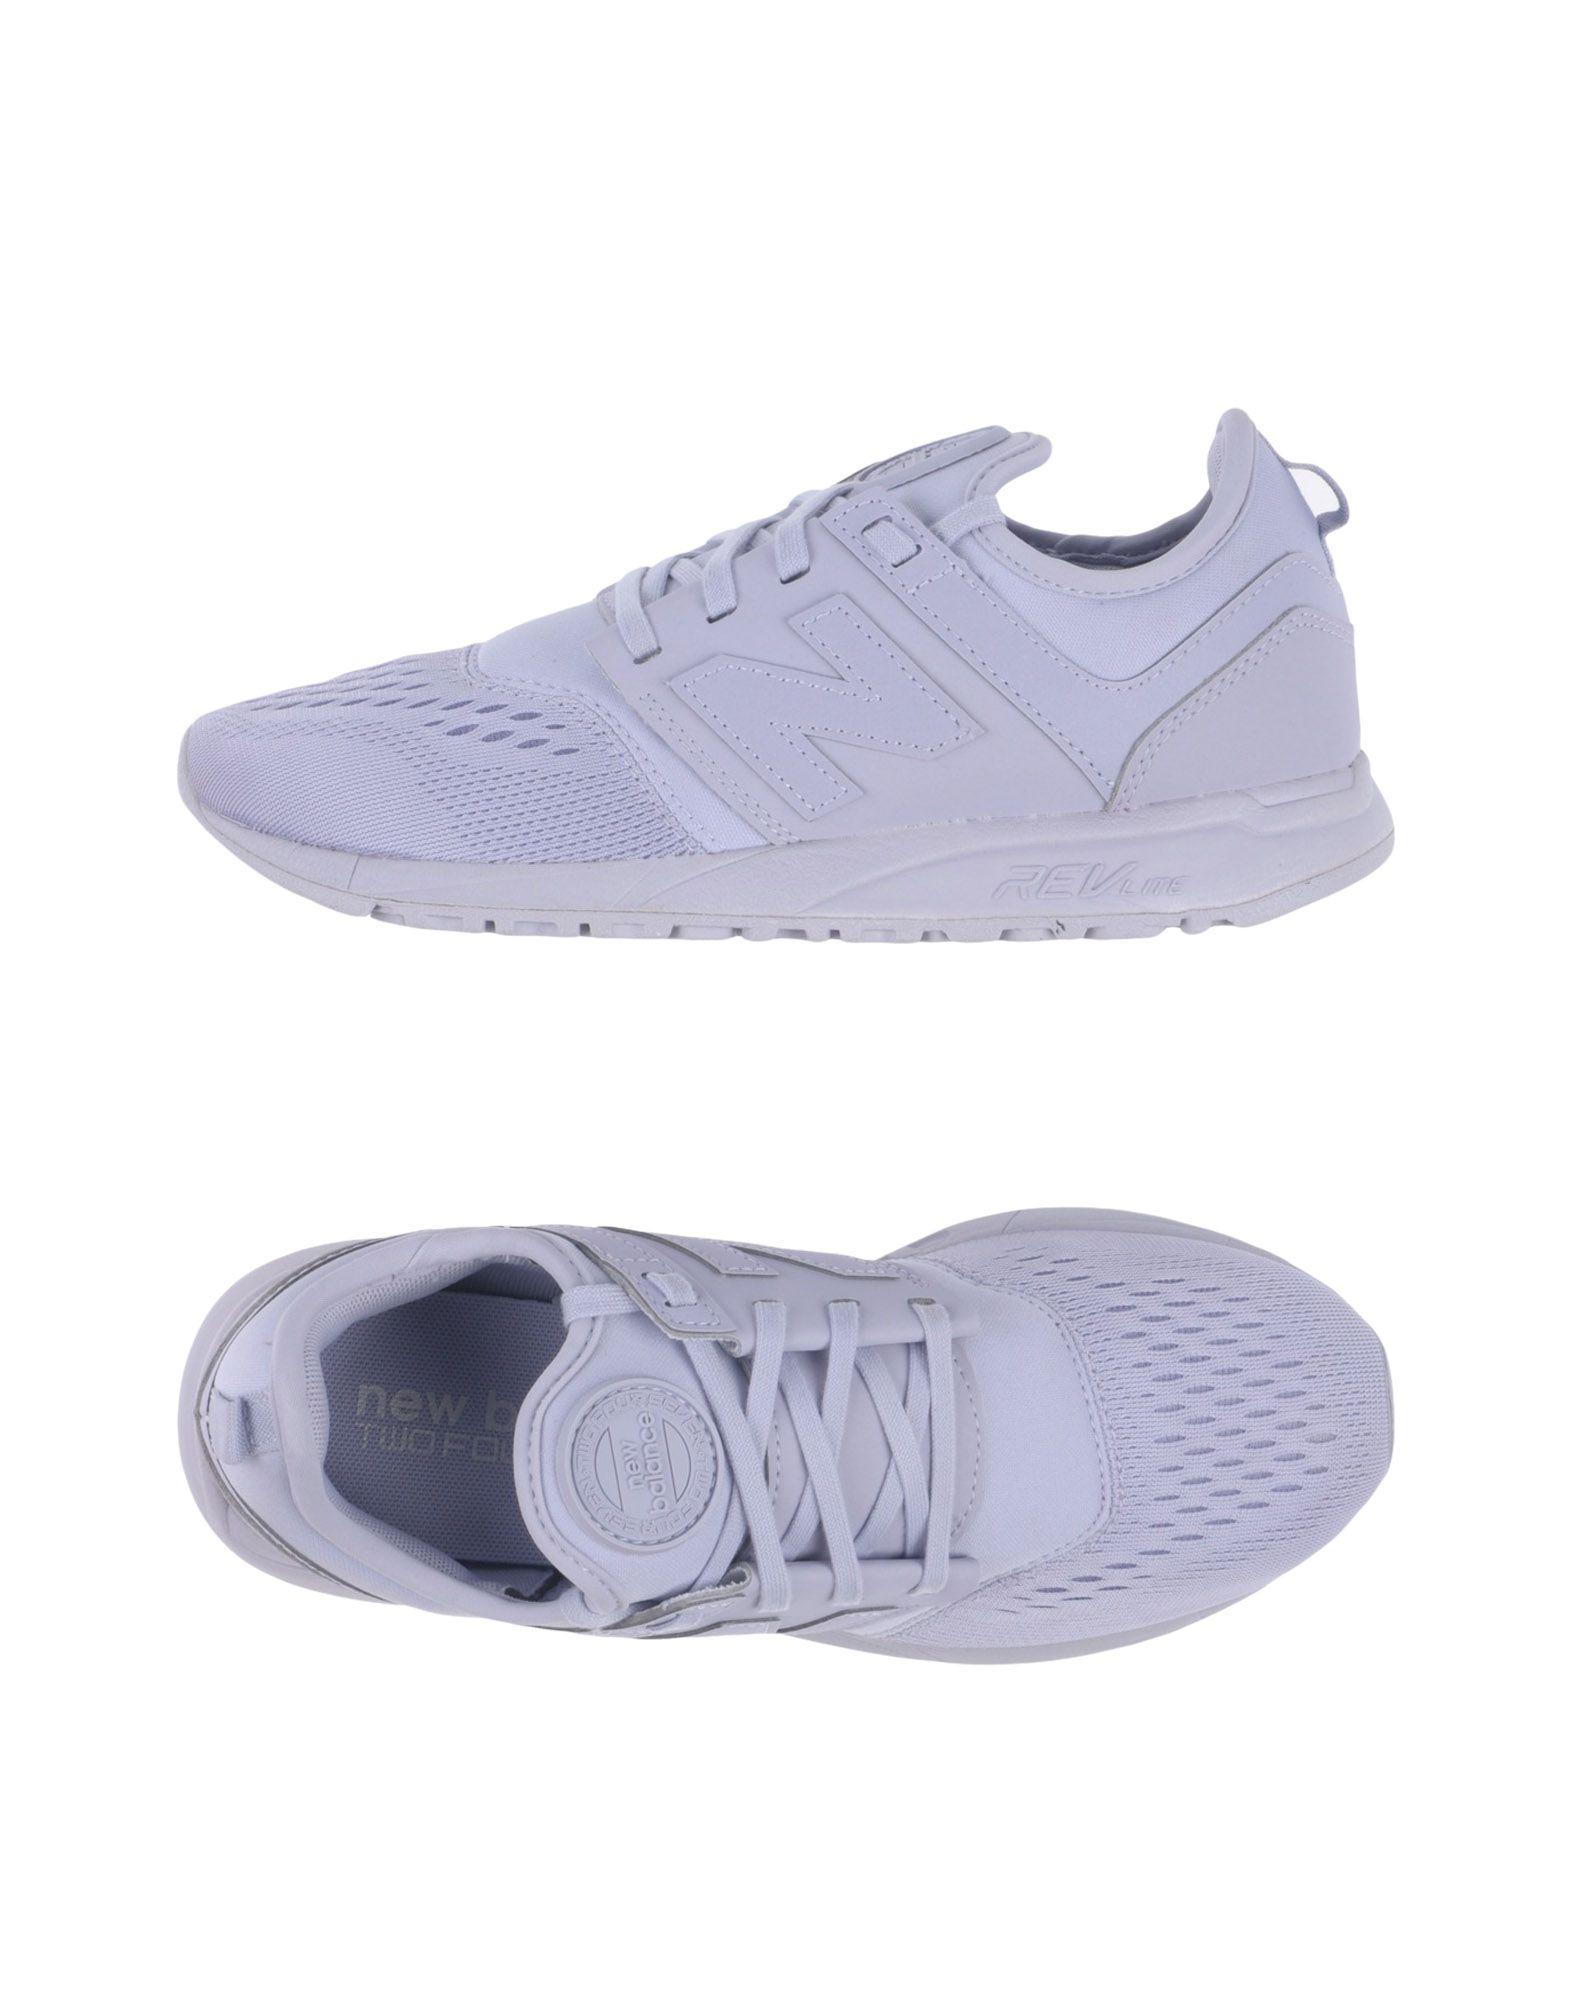 New Balance Sneakers Damen  11387685FH Gute Qualität beliebte Schuhe